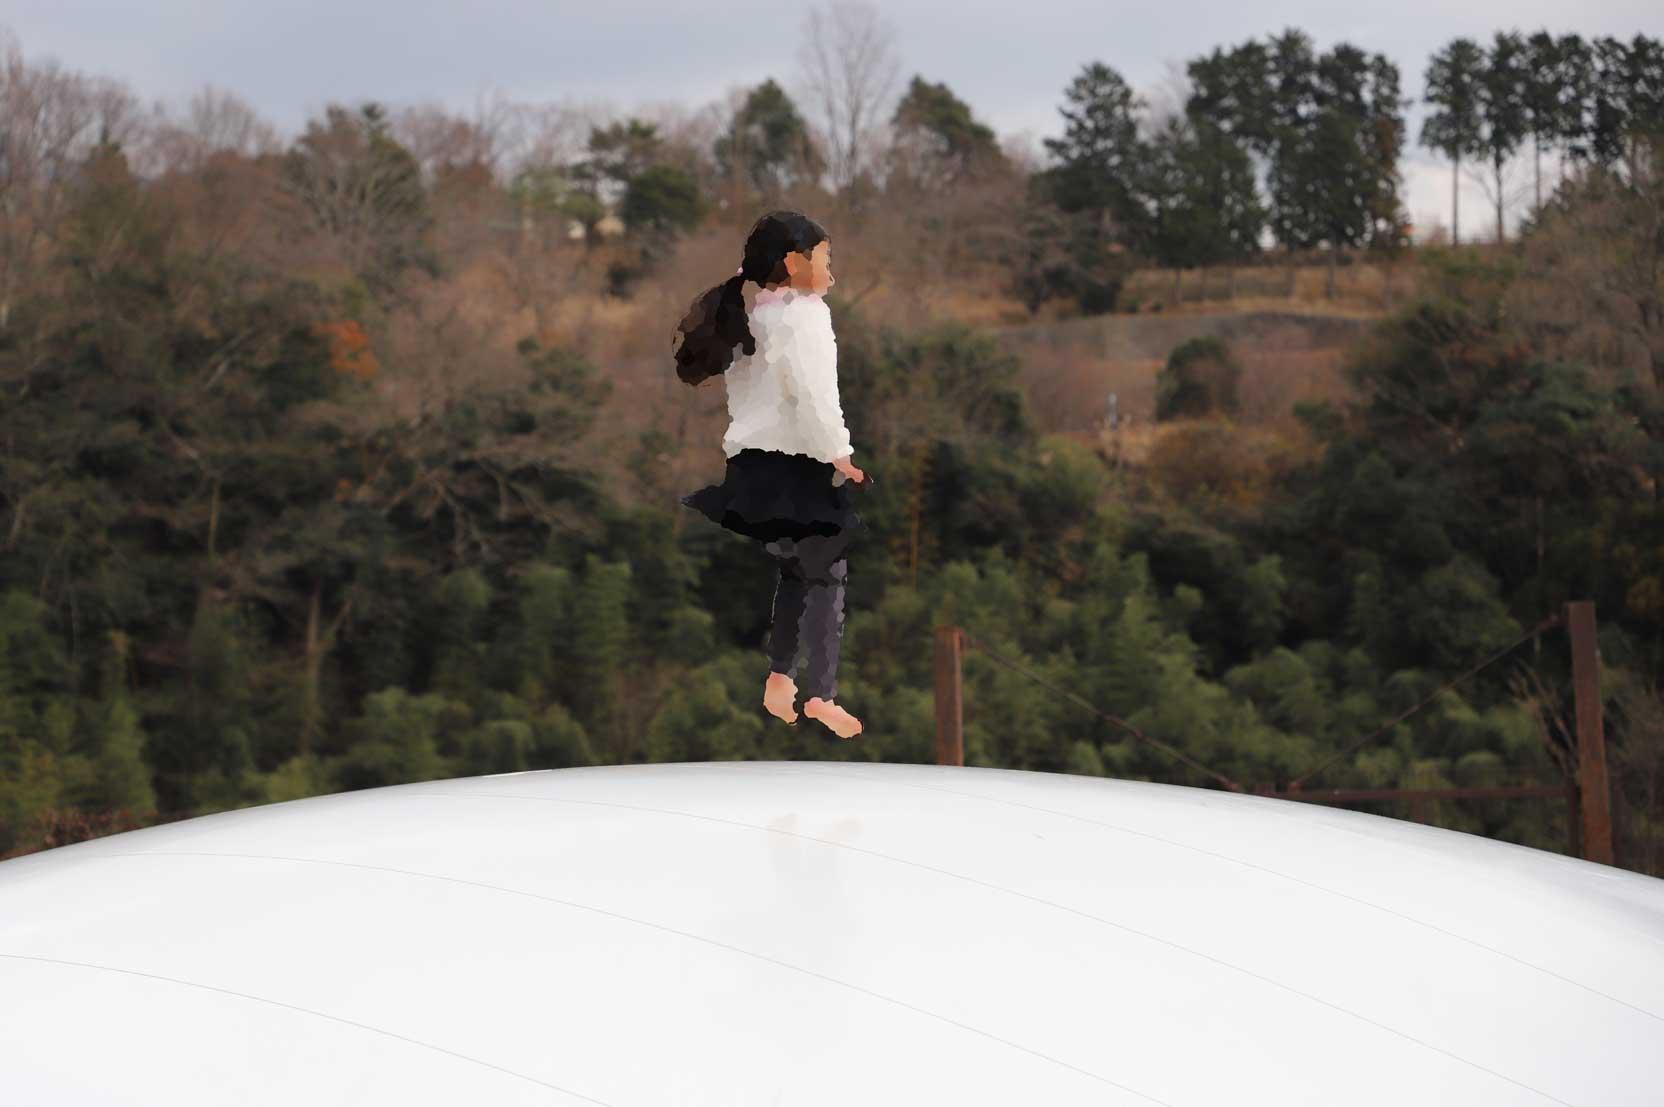 県立秦野戸川公園のふわふわドーム